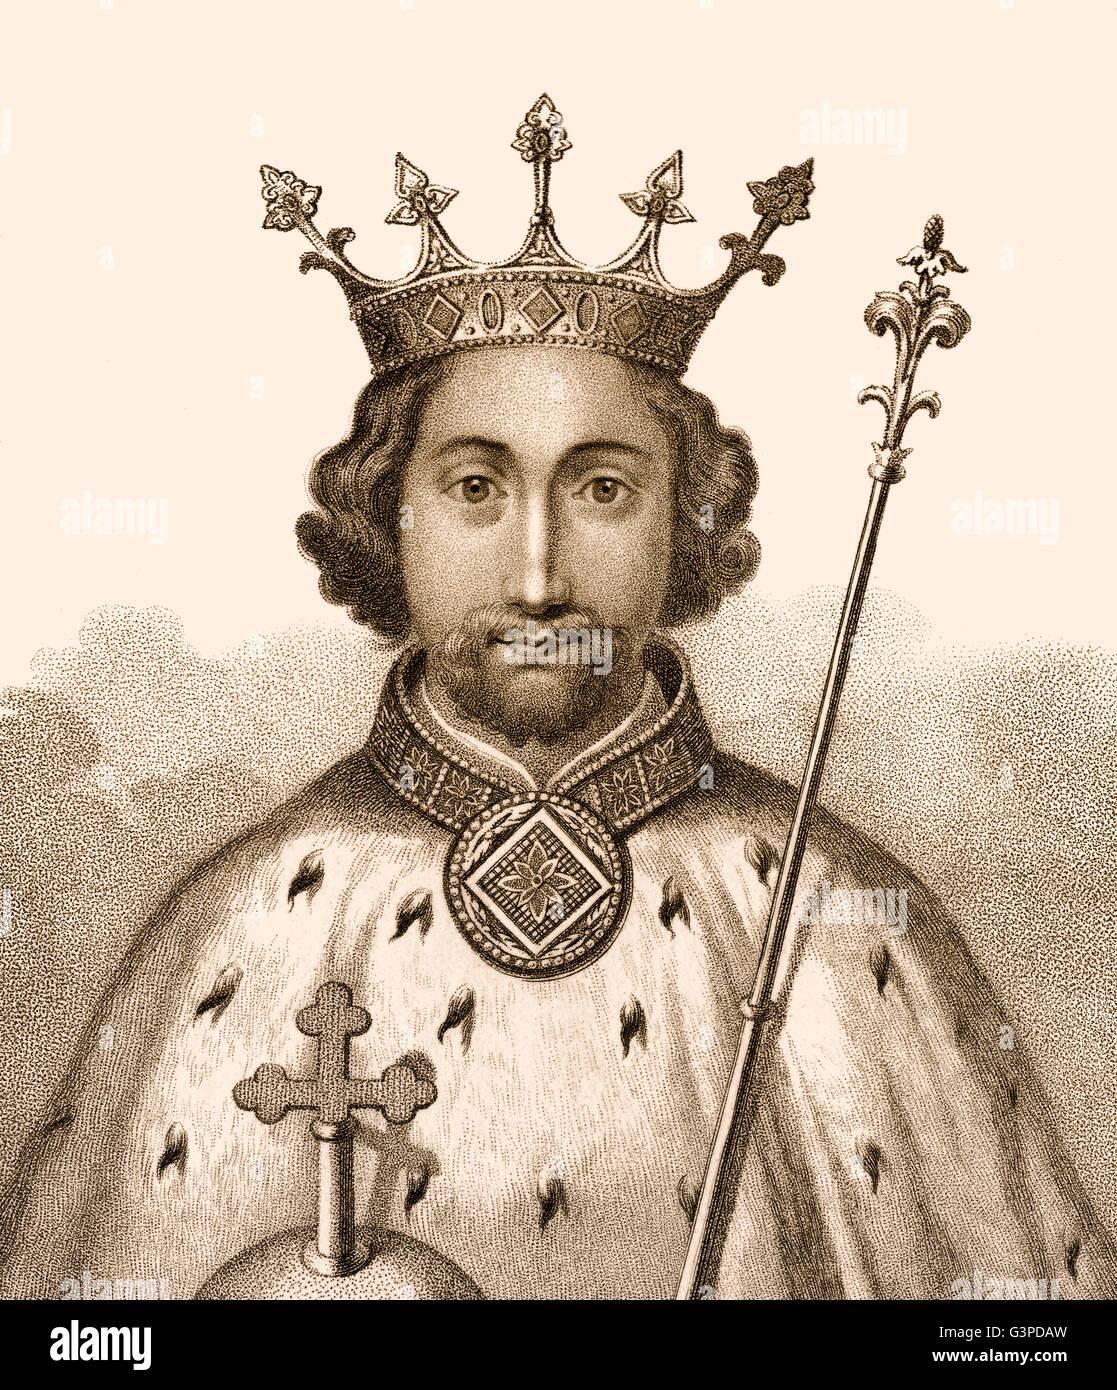 Richard II, Richard of Bordeaux, 1367-1400, King of England - Stock Image